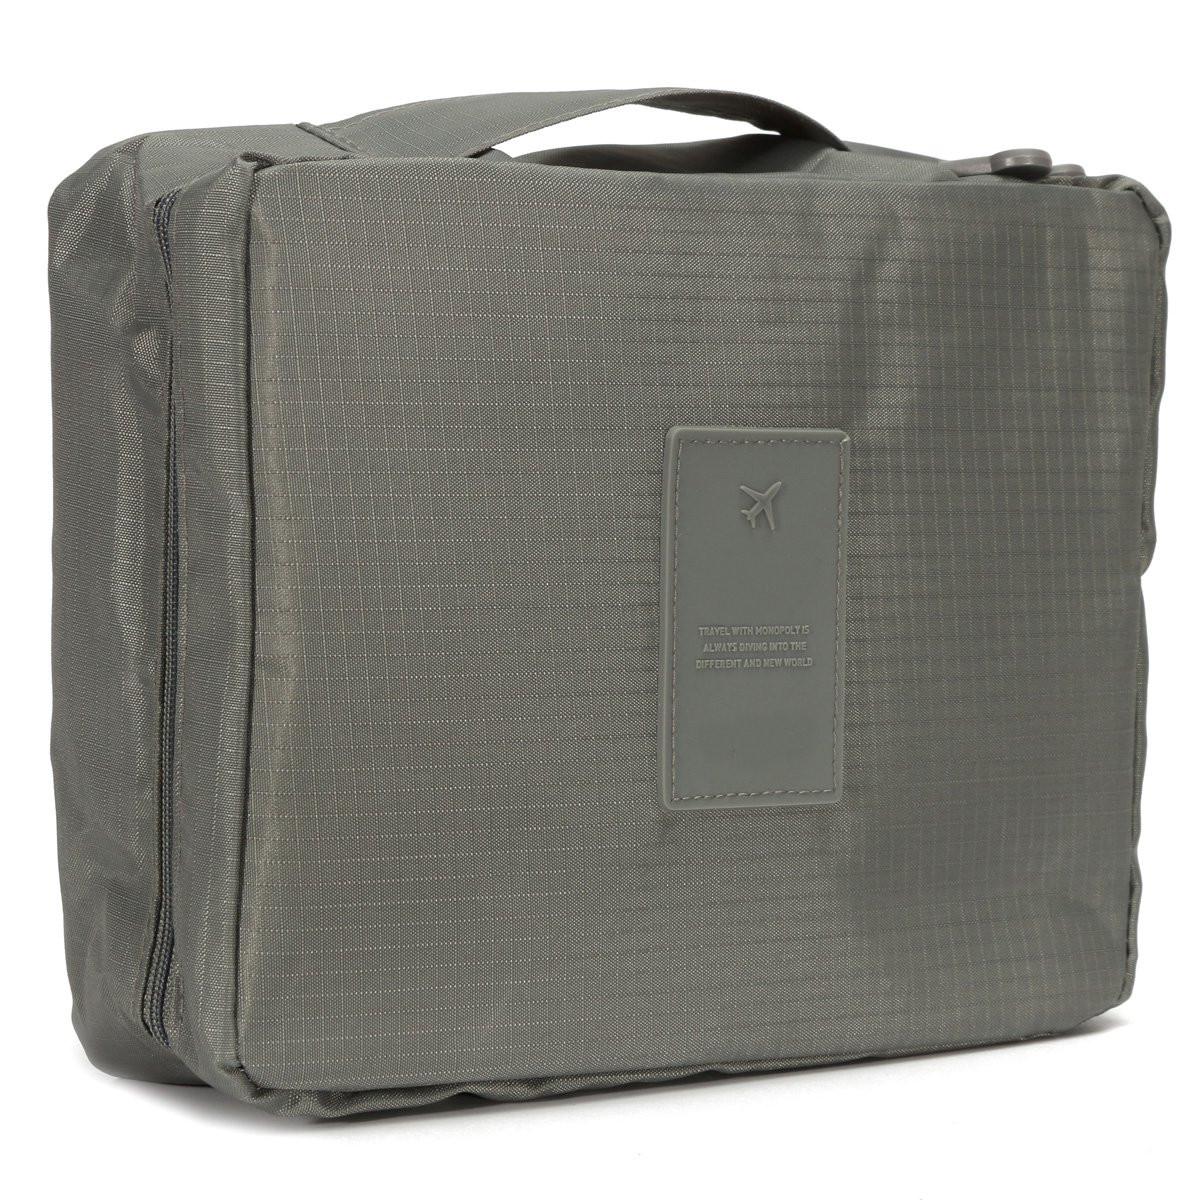 Neufu 2 x pochette sac rangement main toilette - Pochette rangement sac a main ...